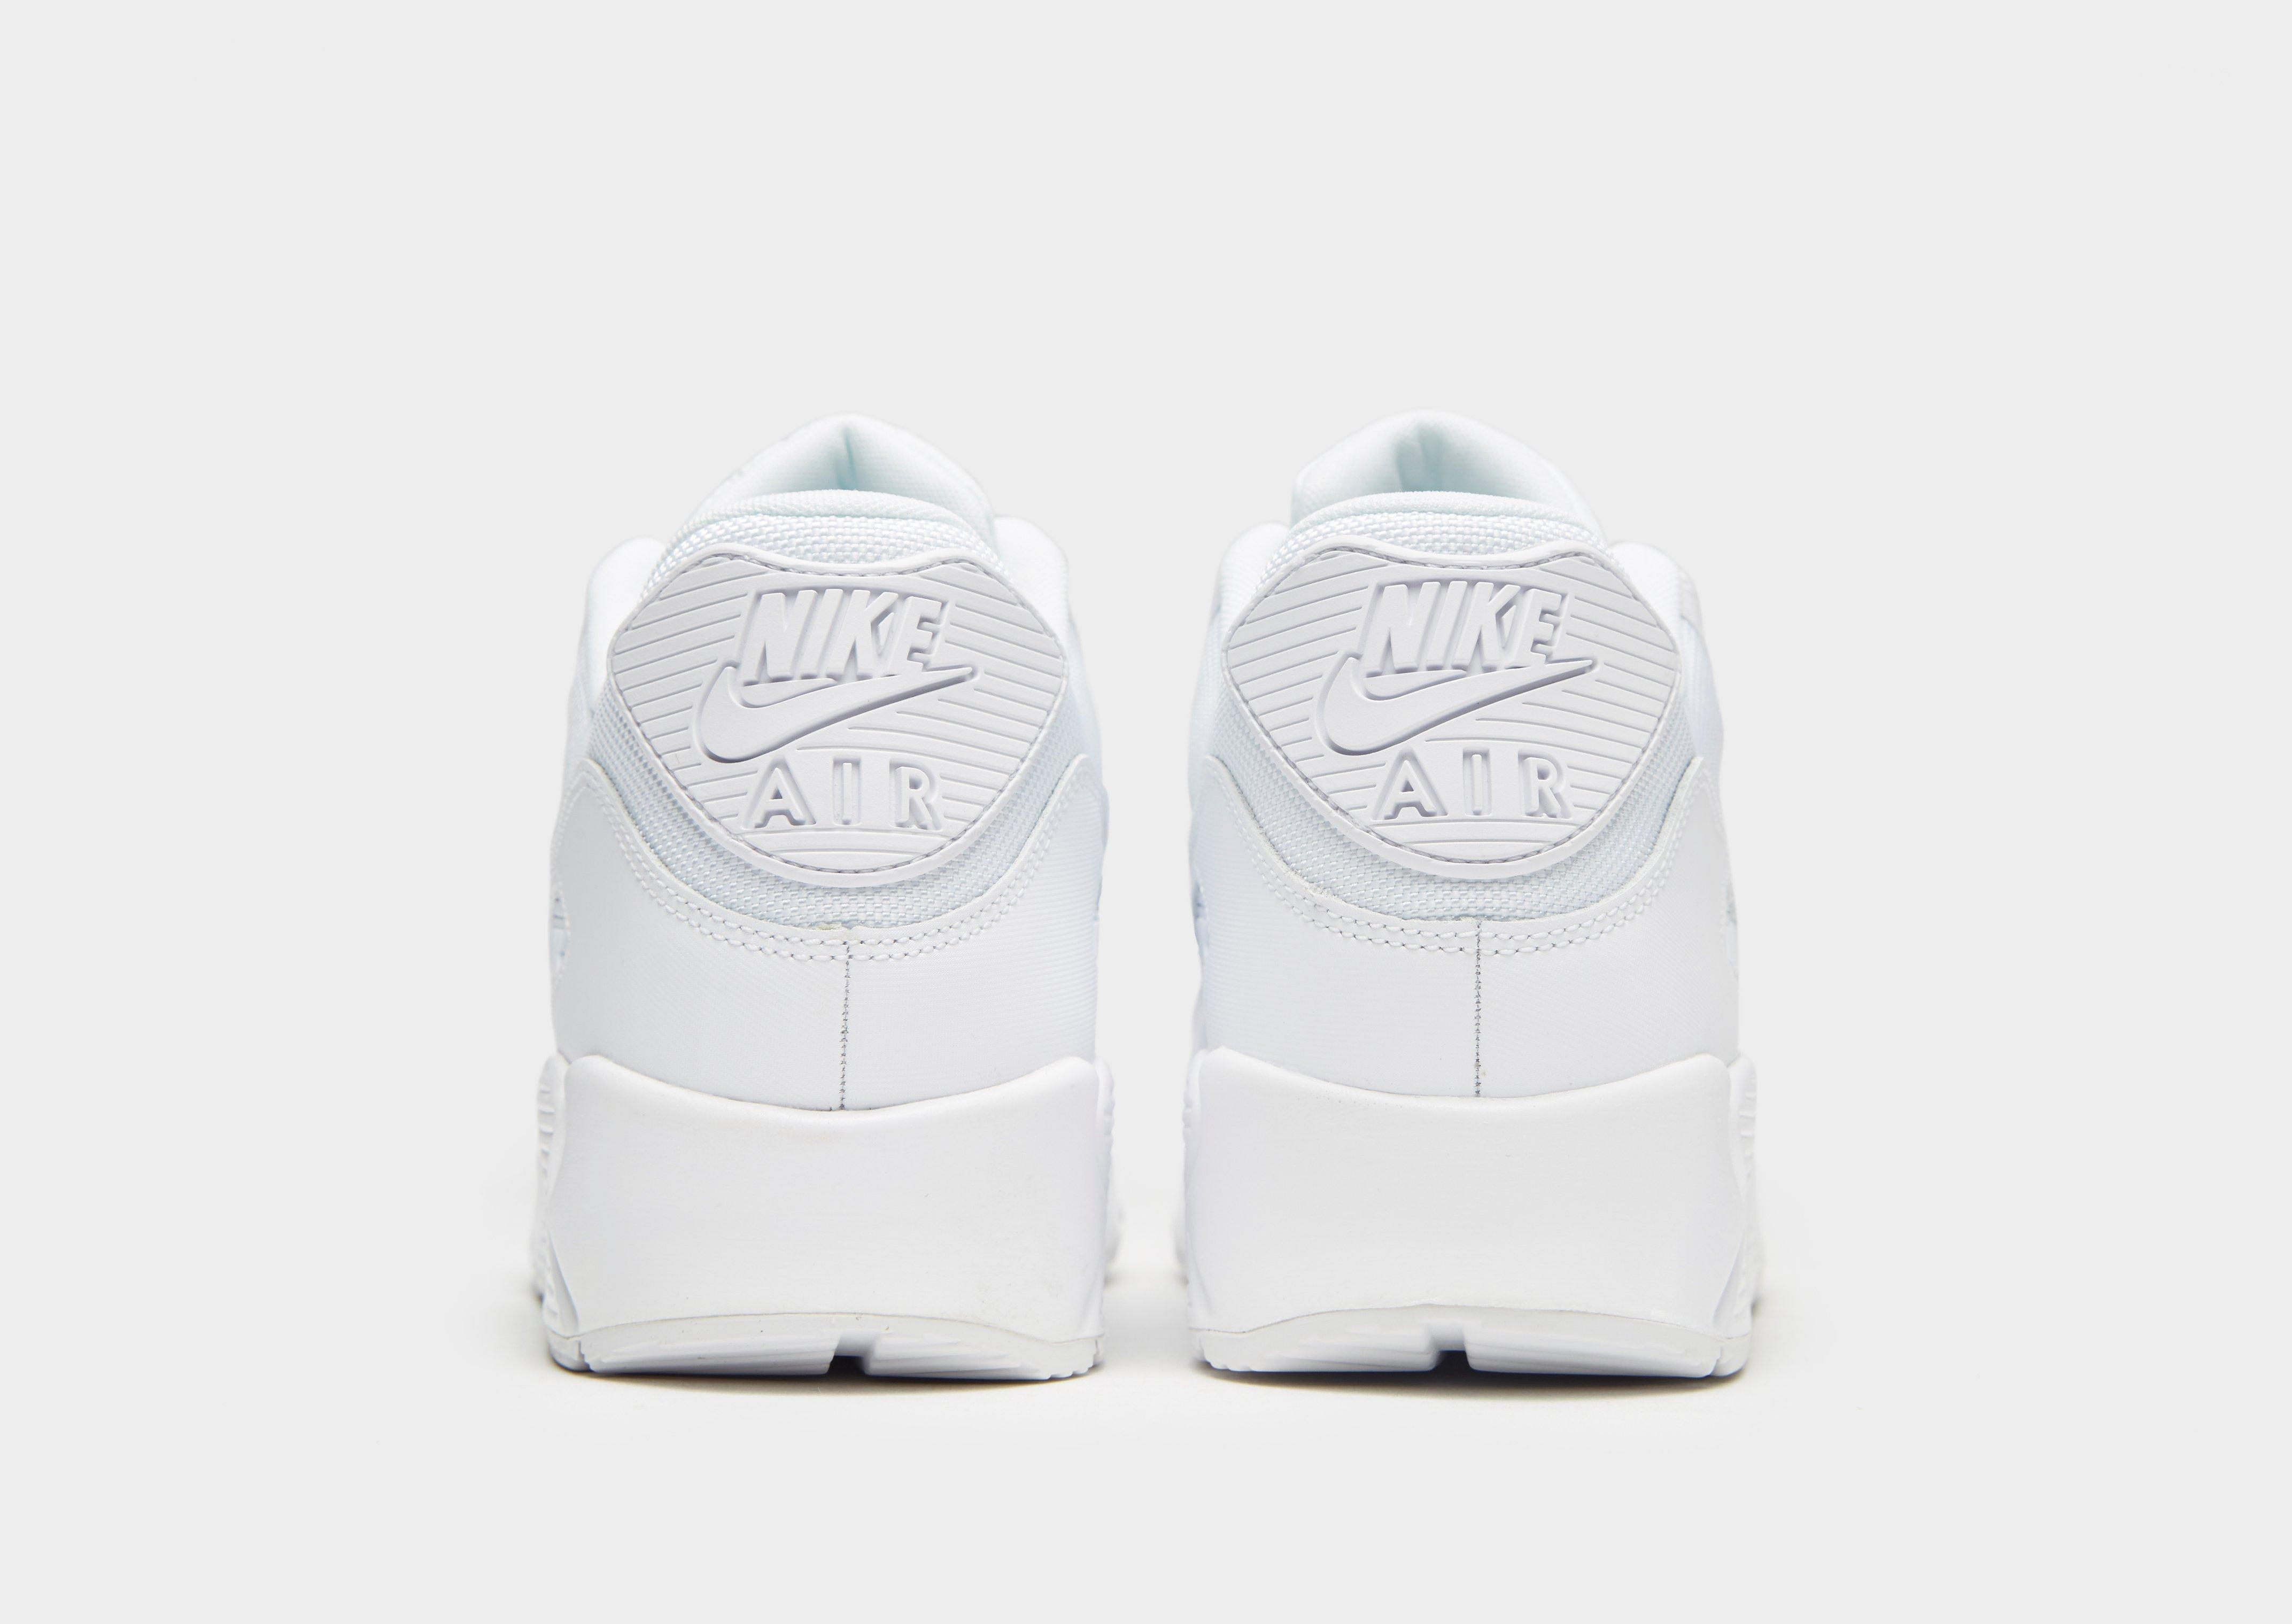 Nike Air Max 90 Jd